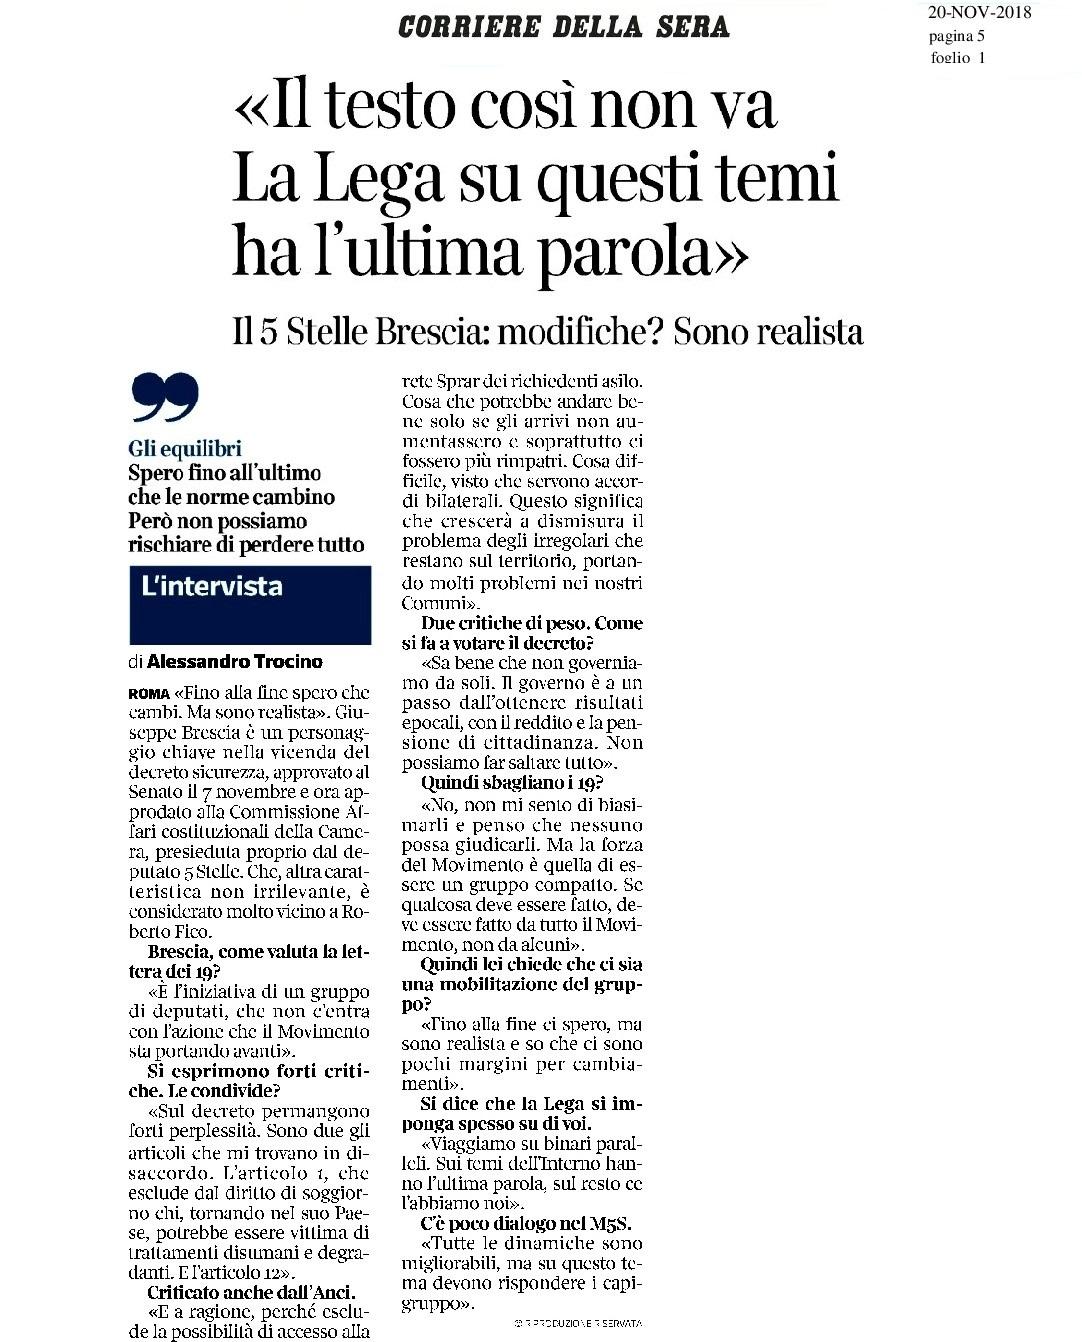 La mia intervista sul decreto sicurezza per il Corriere della Sera - M5S notizie m5stelle.com